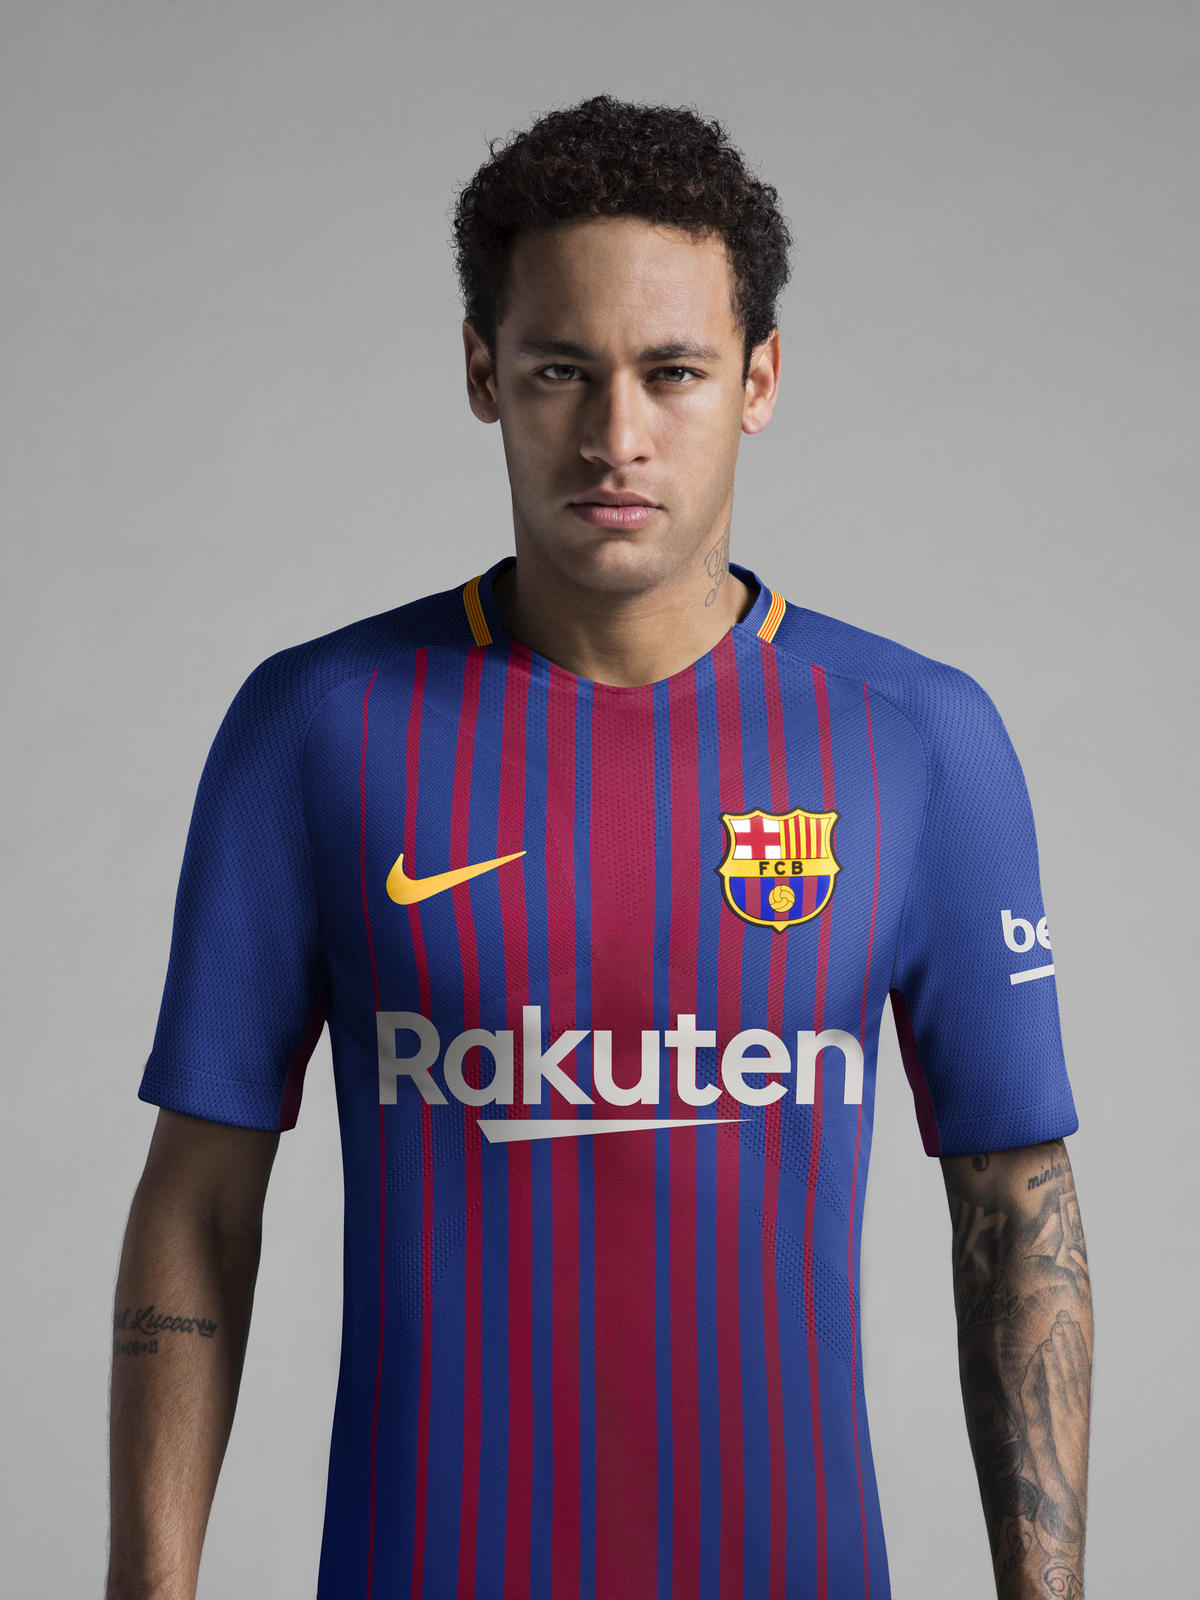 sale retailer 7d5d5 3aeaf FC Barcelona Home Kit 2017-18 - Nike News